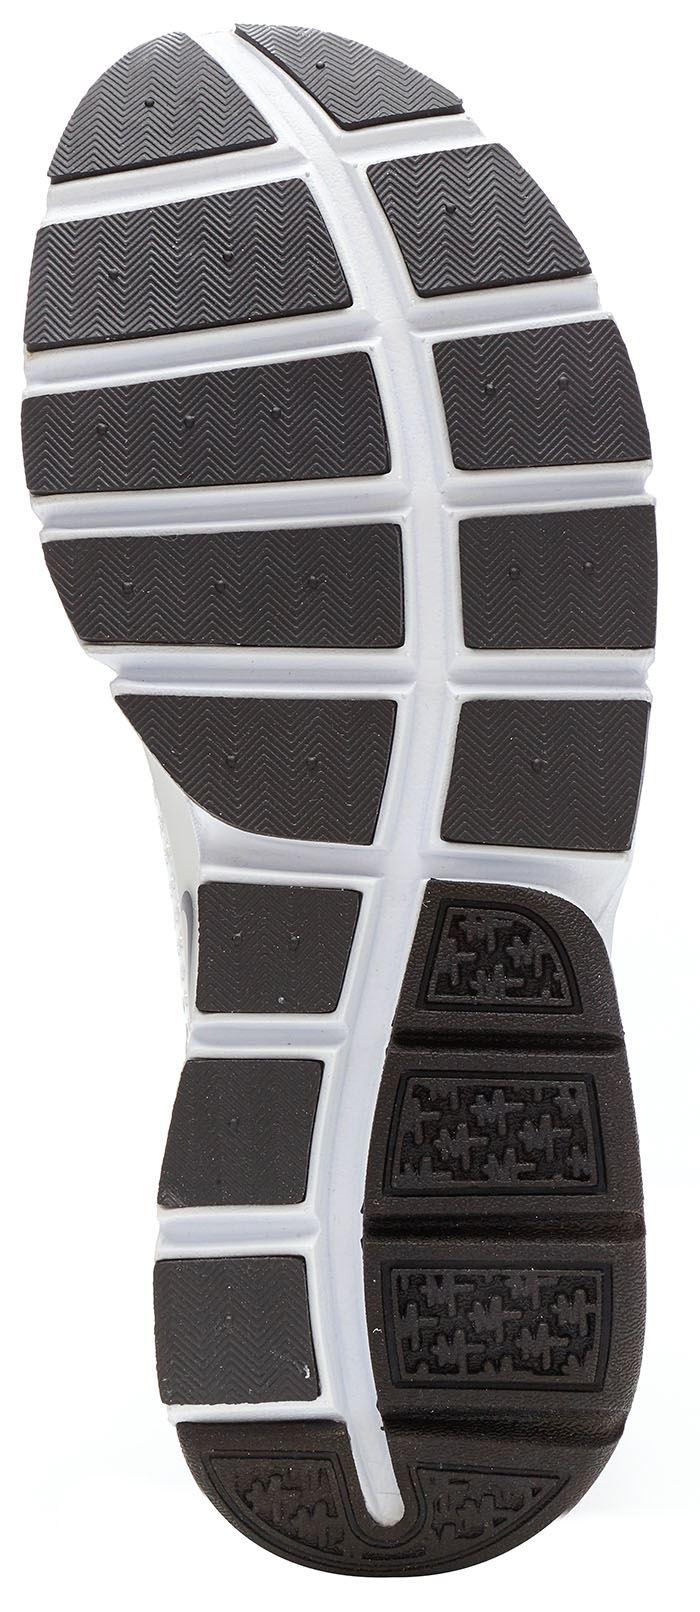 Nike Sock Dart SE Trainers in grau & & & Vachetta Tan & Midnight Blau All Größes ad515f